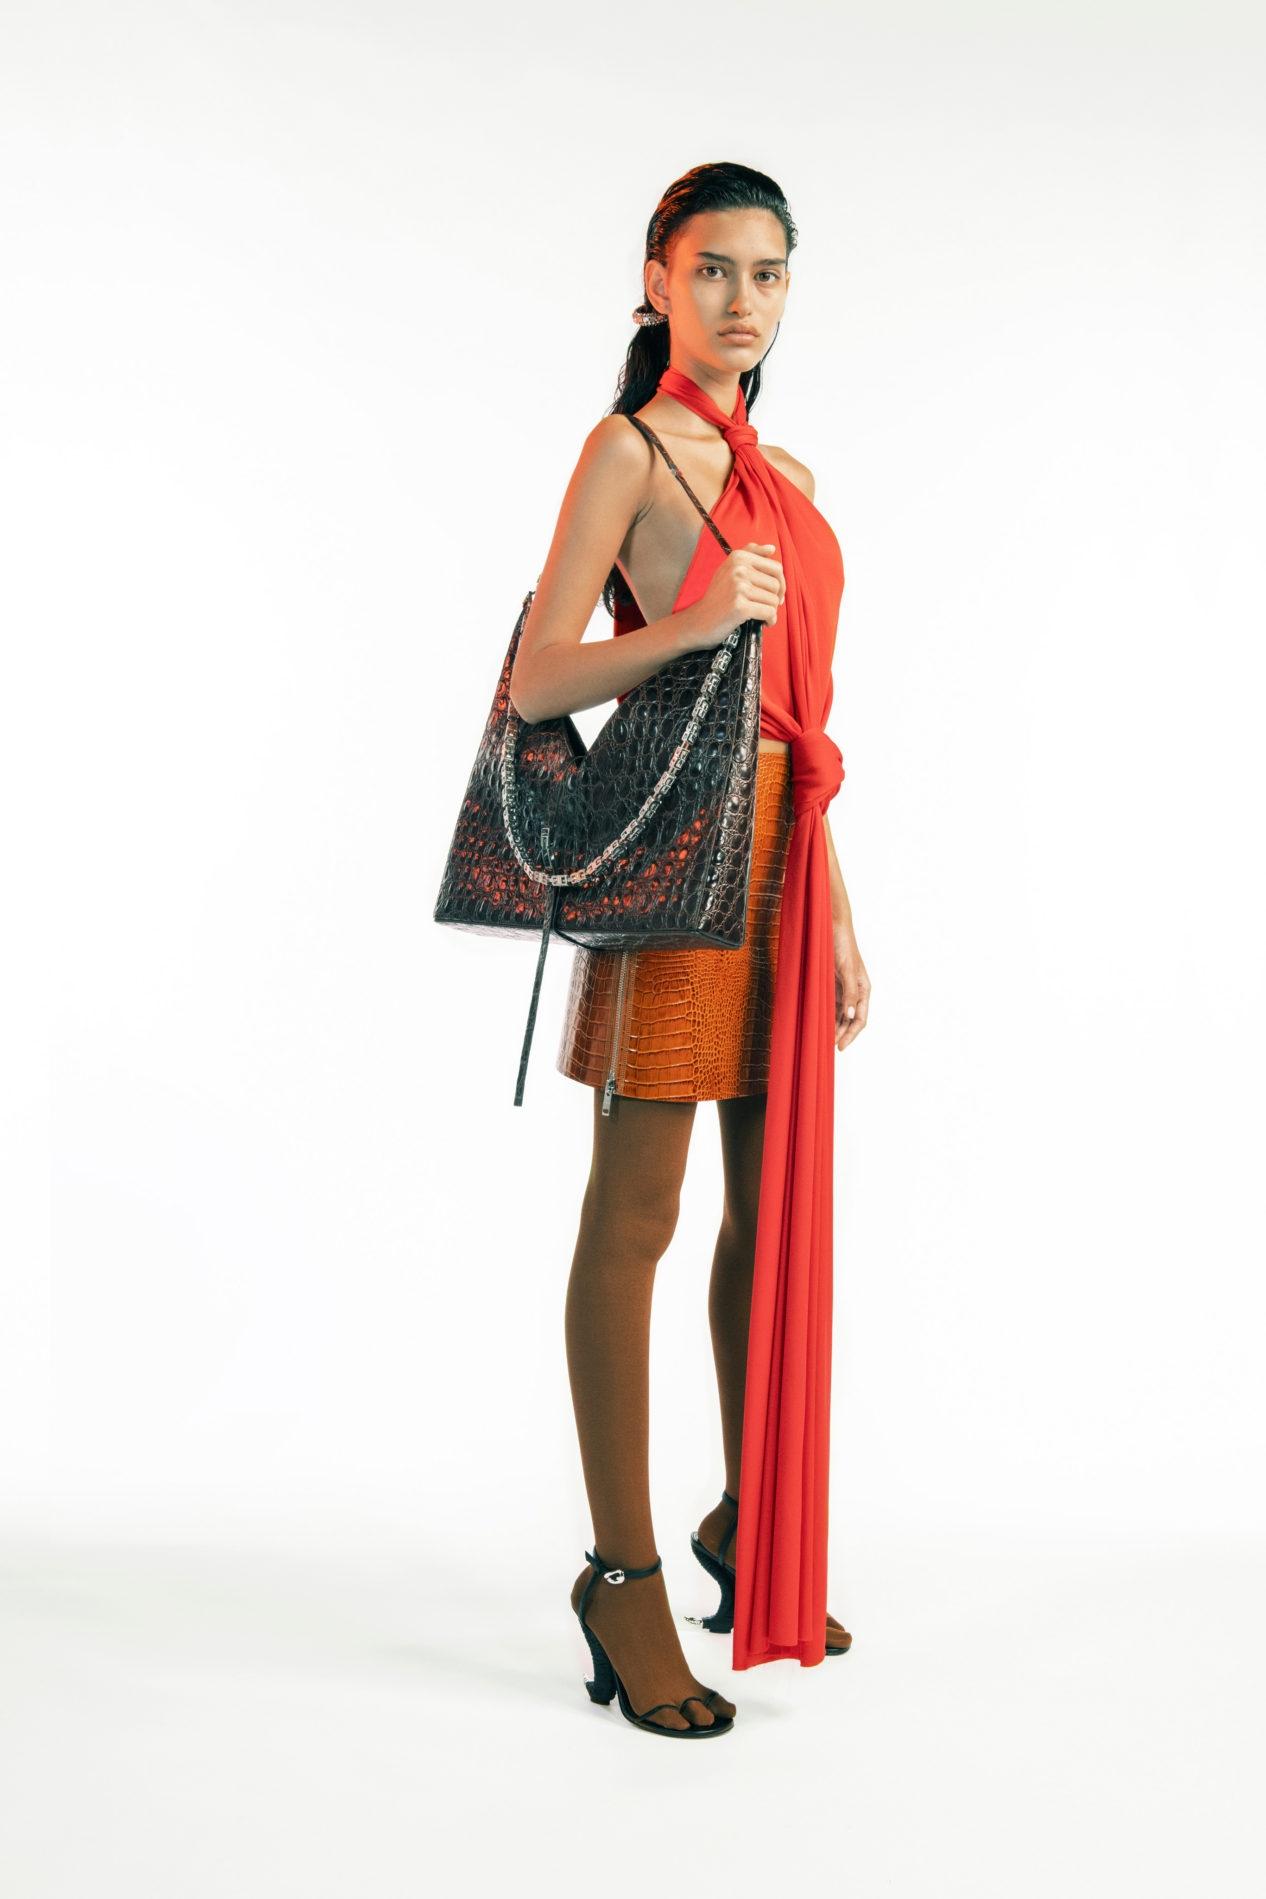 Дебют Мэтью Уильямса и пример безупречного стиля. Почему все обсуждают новую коллекцию Givenchy (ФОТО) - фото №3